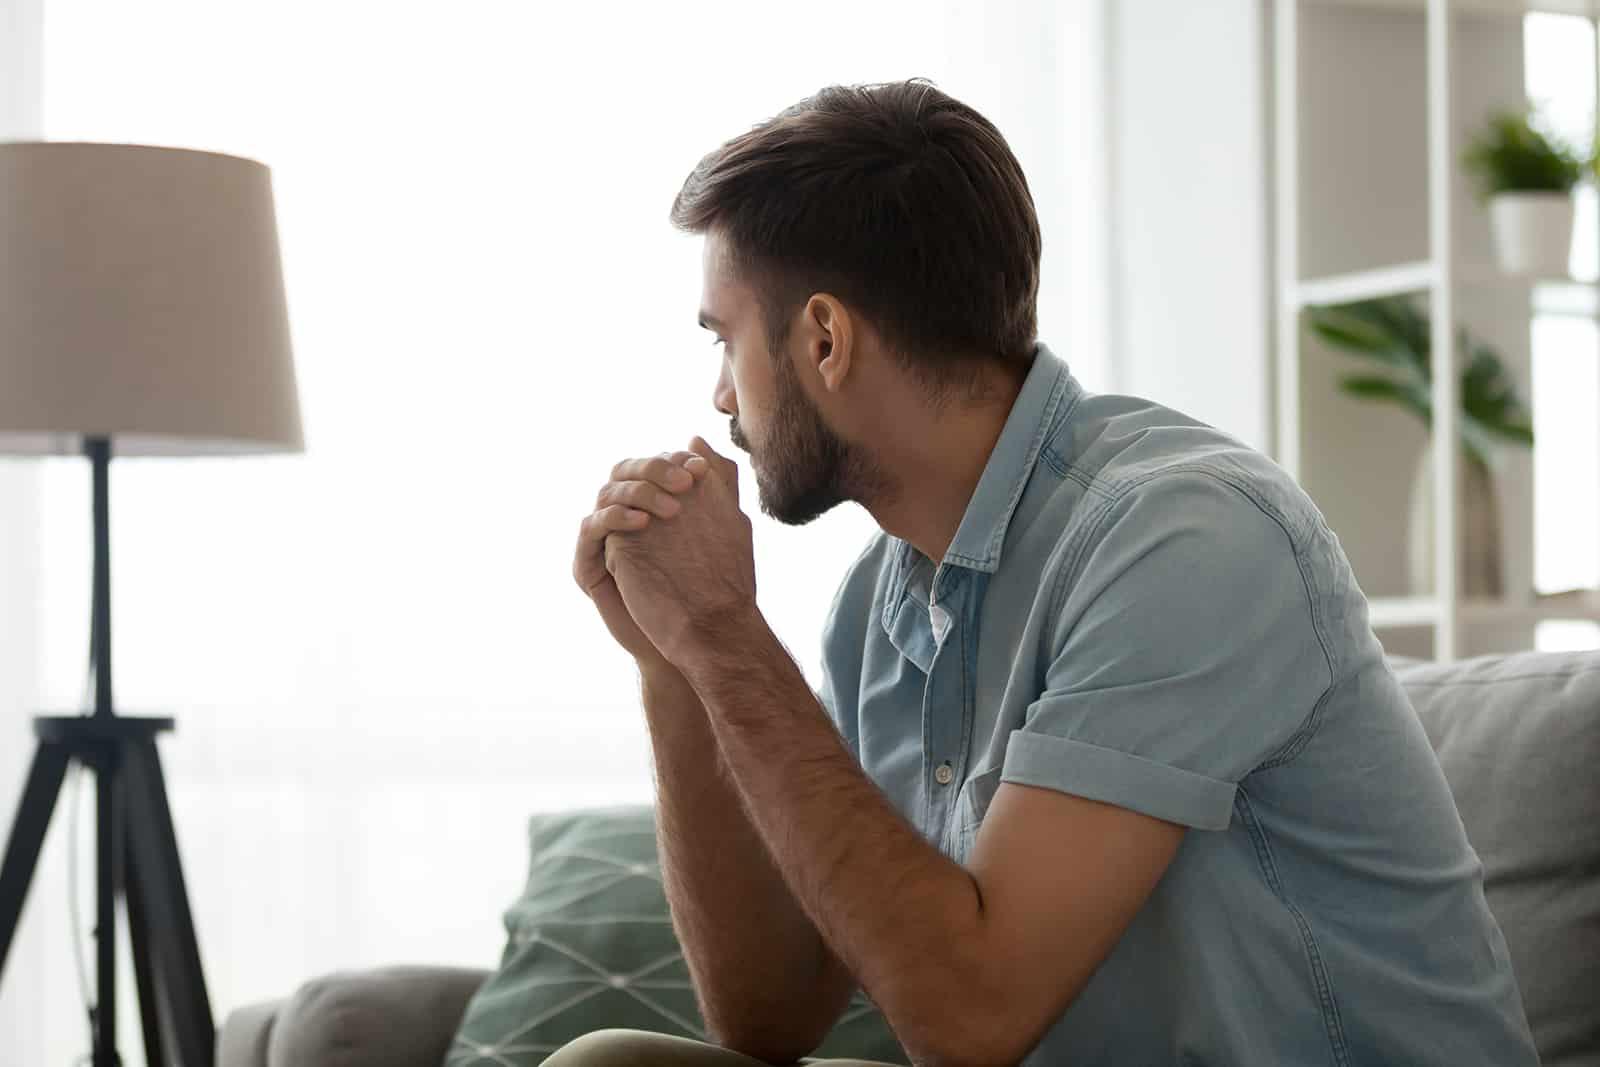 ein nachdenklicher Mann, der auf der Couch sitzt und zur Seite schaut